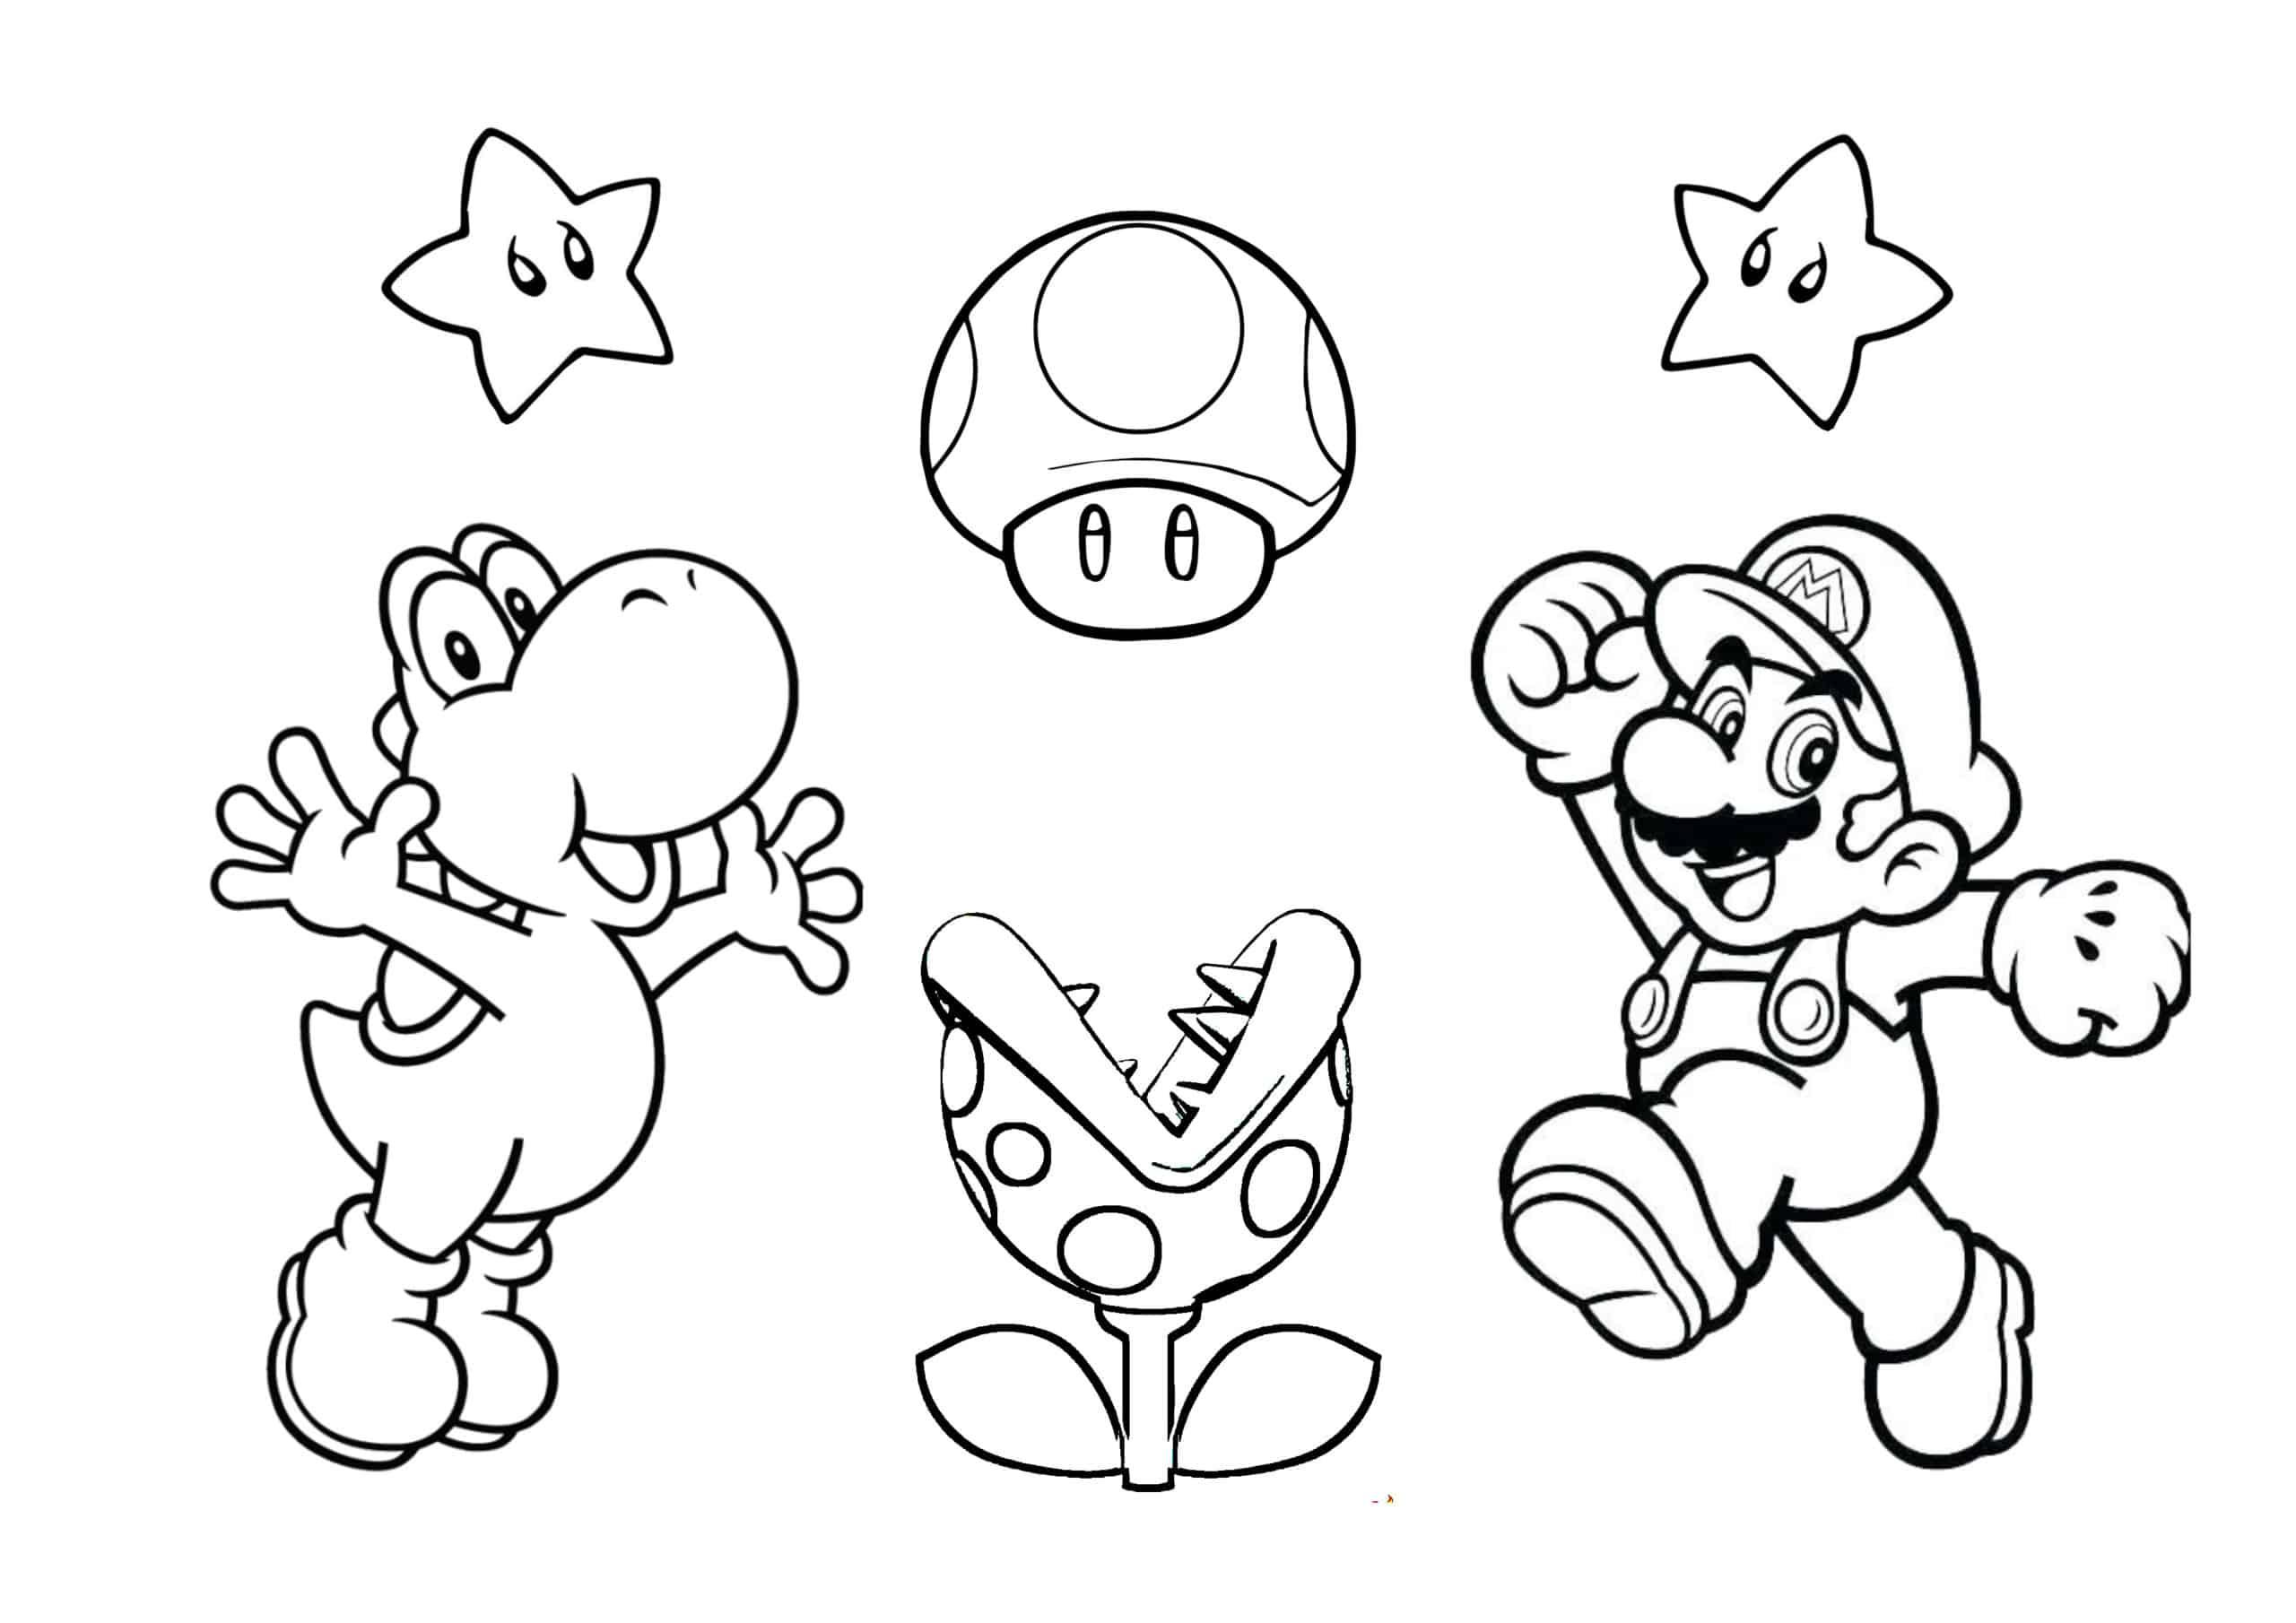 Coloriage Mario Notre Livre A Imprimer Gratuitement